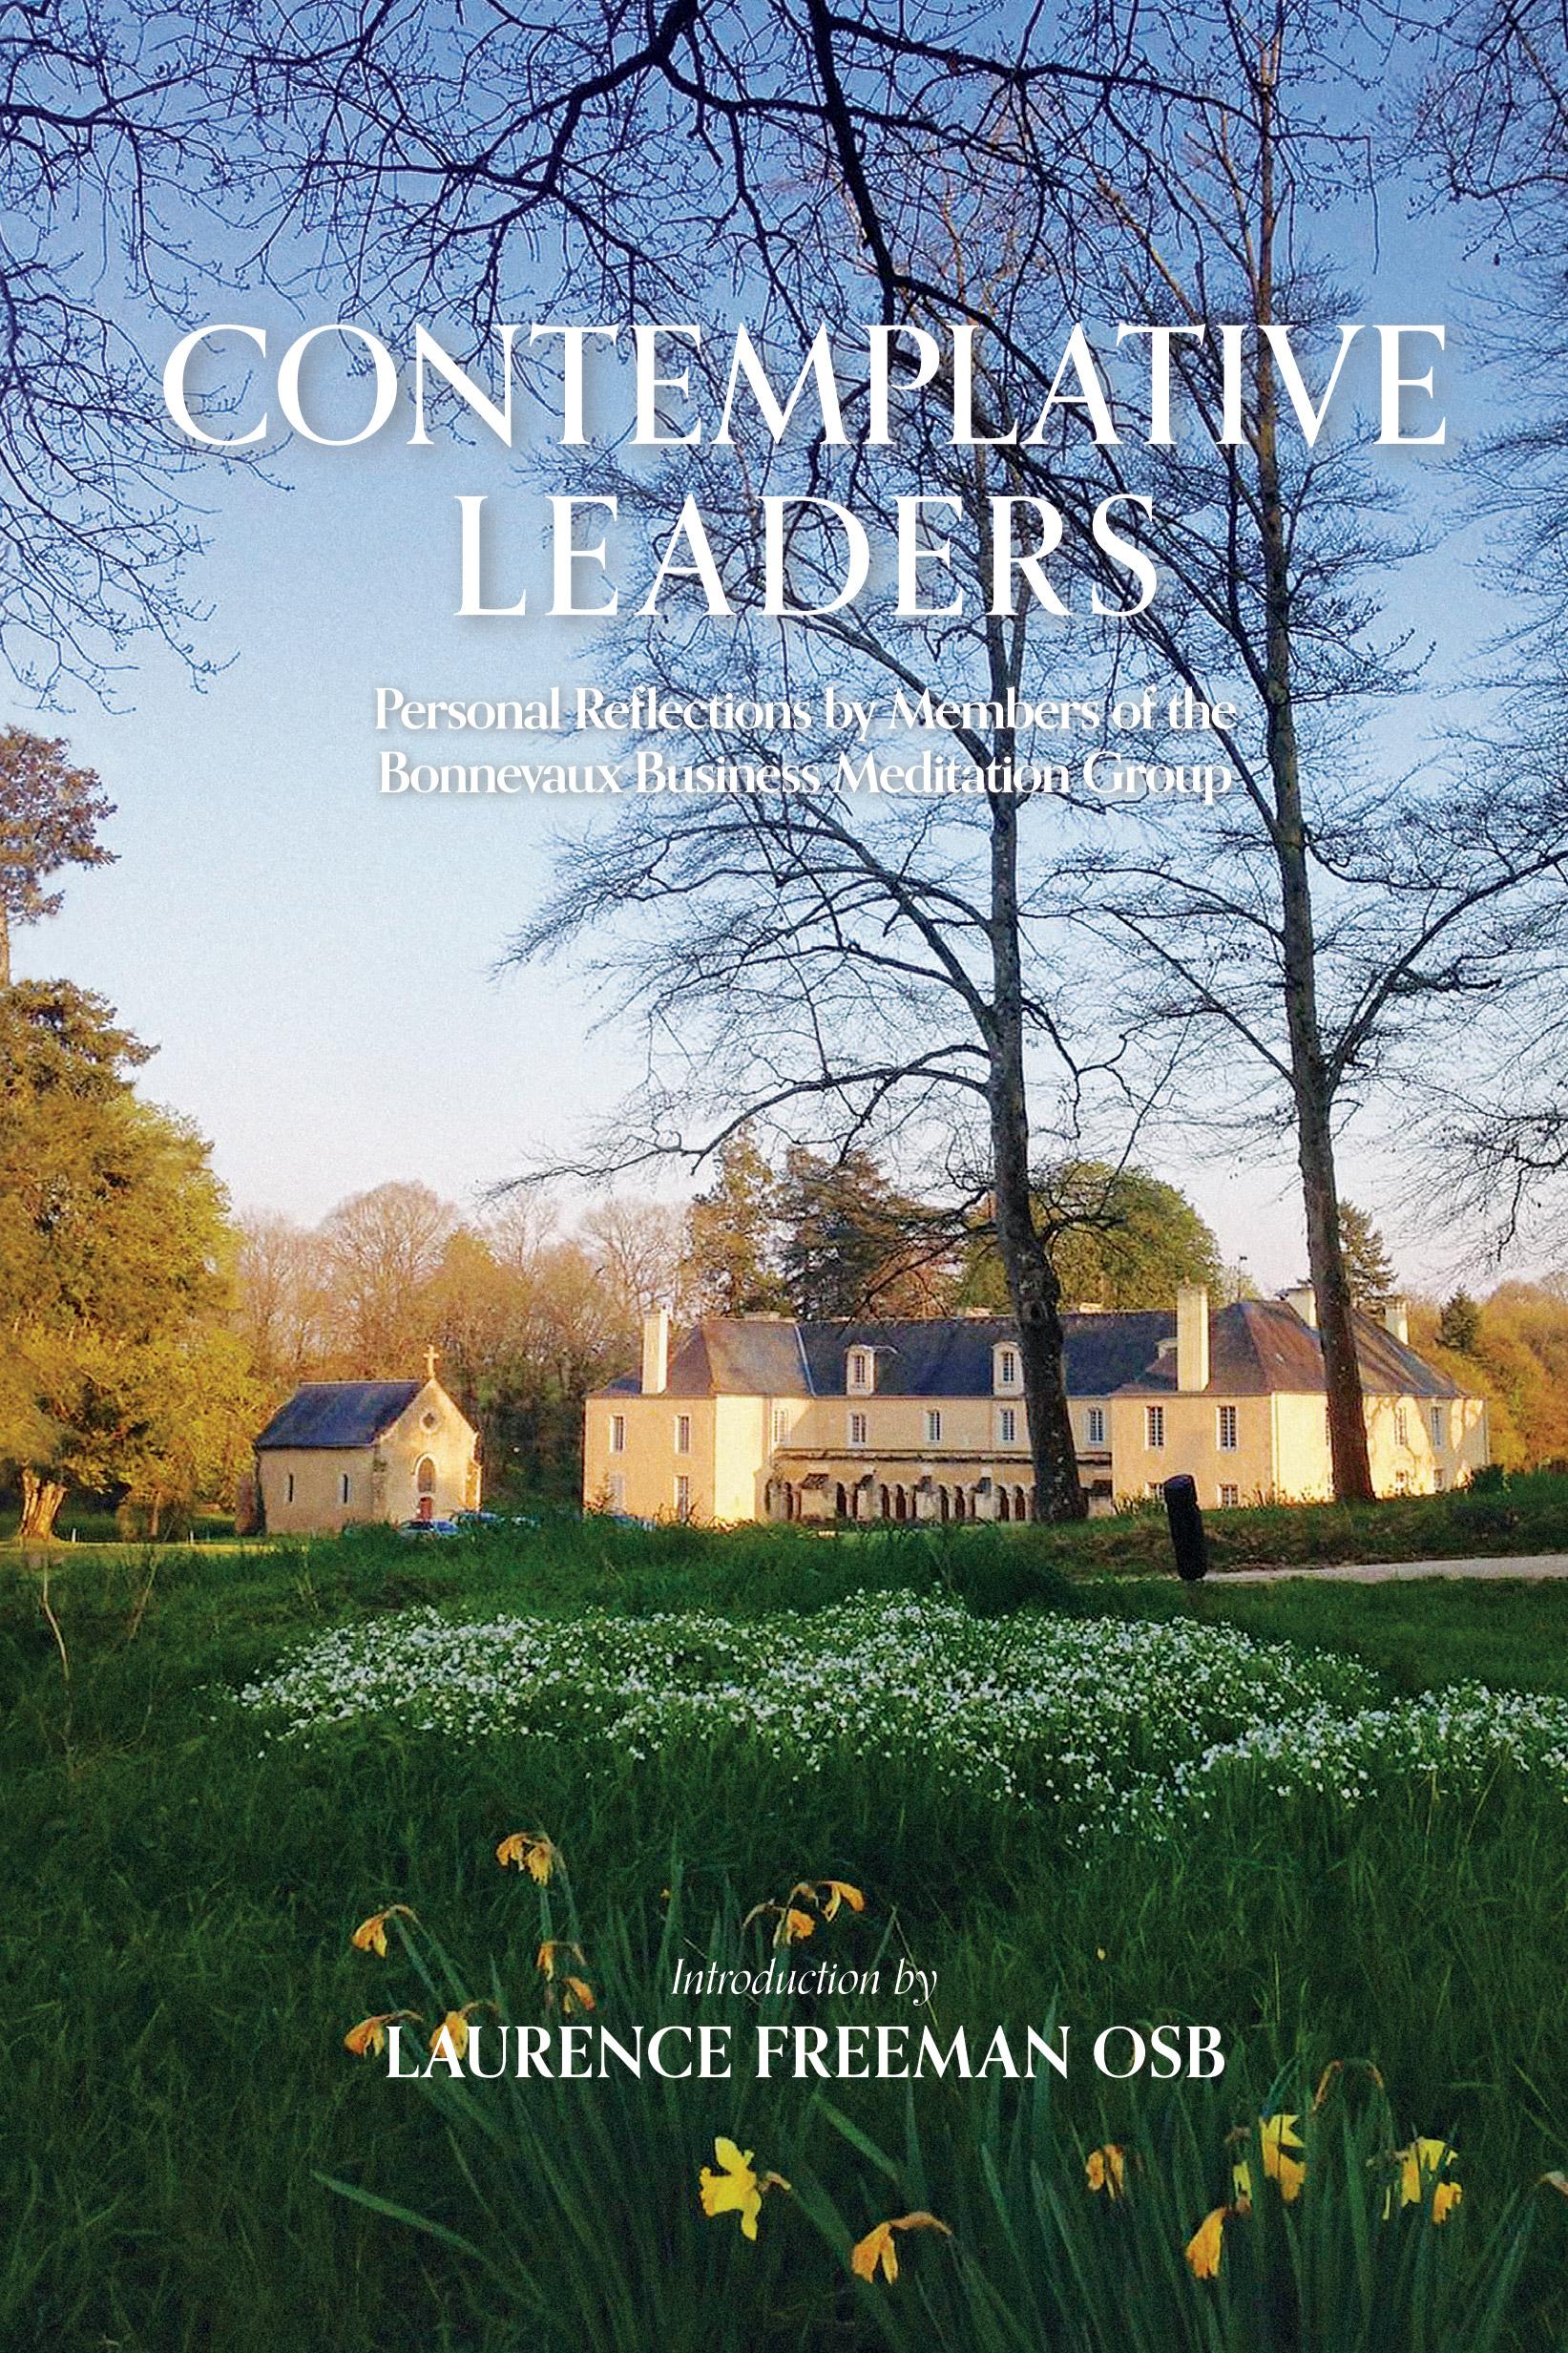 Contemplative-Leaders-Bonnevaux-Laurence-Freeman